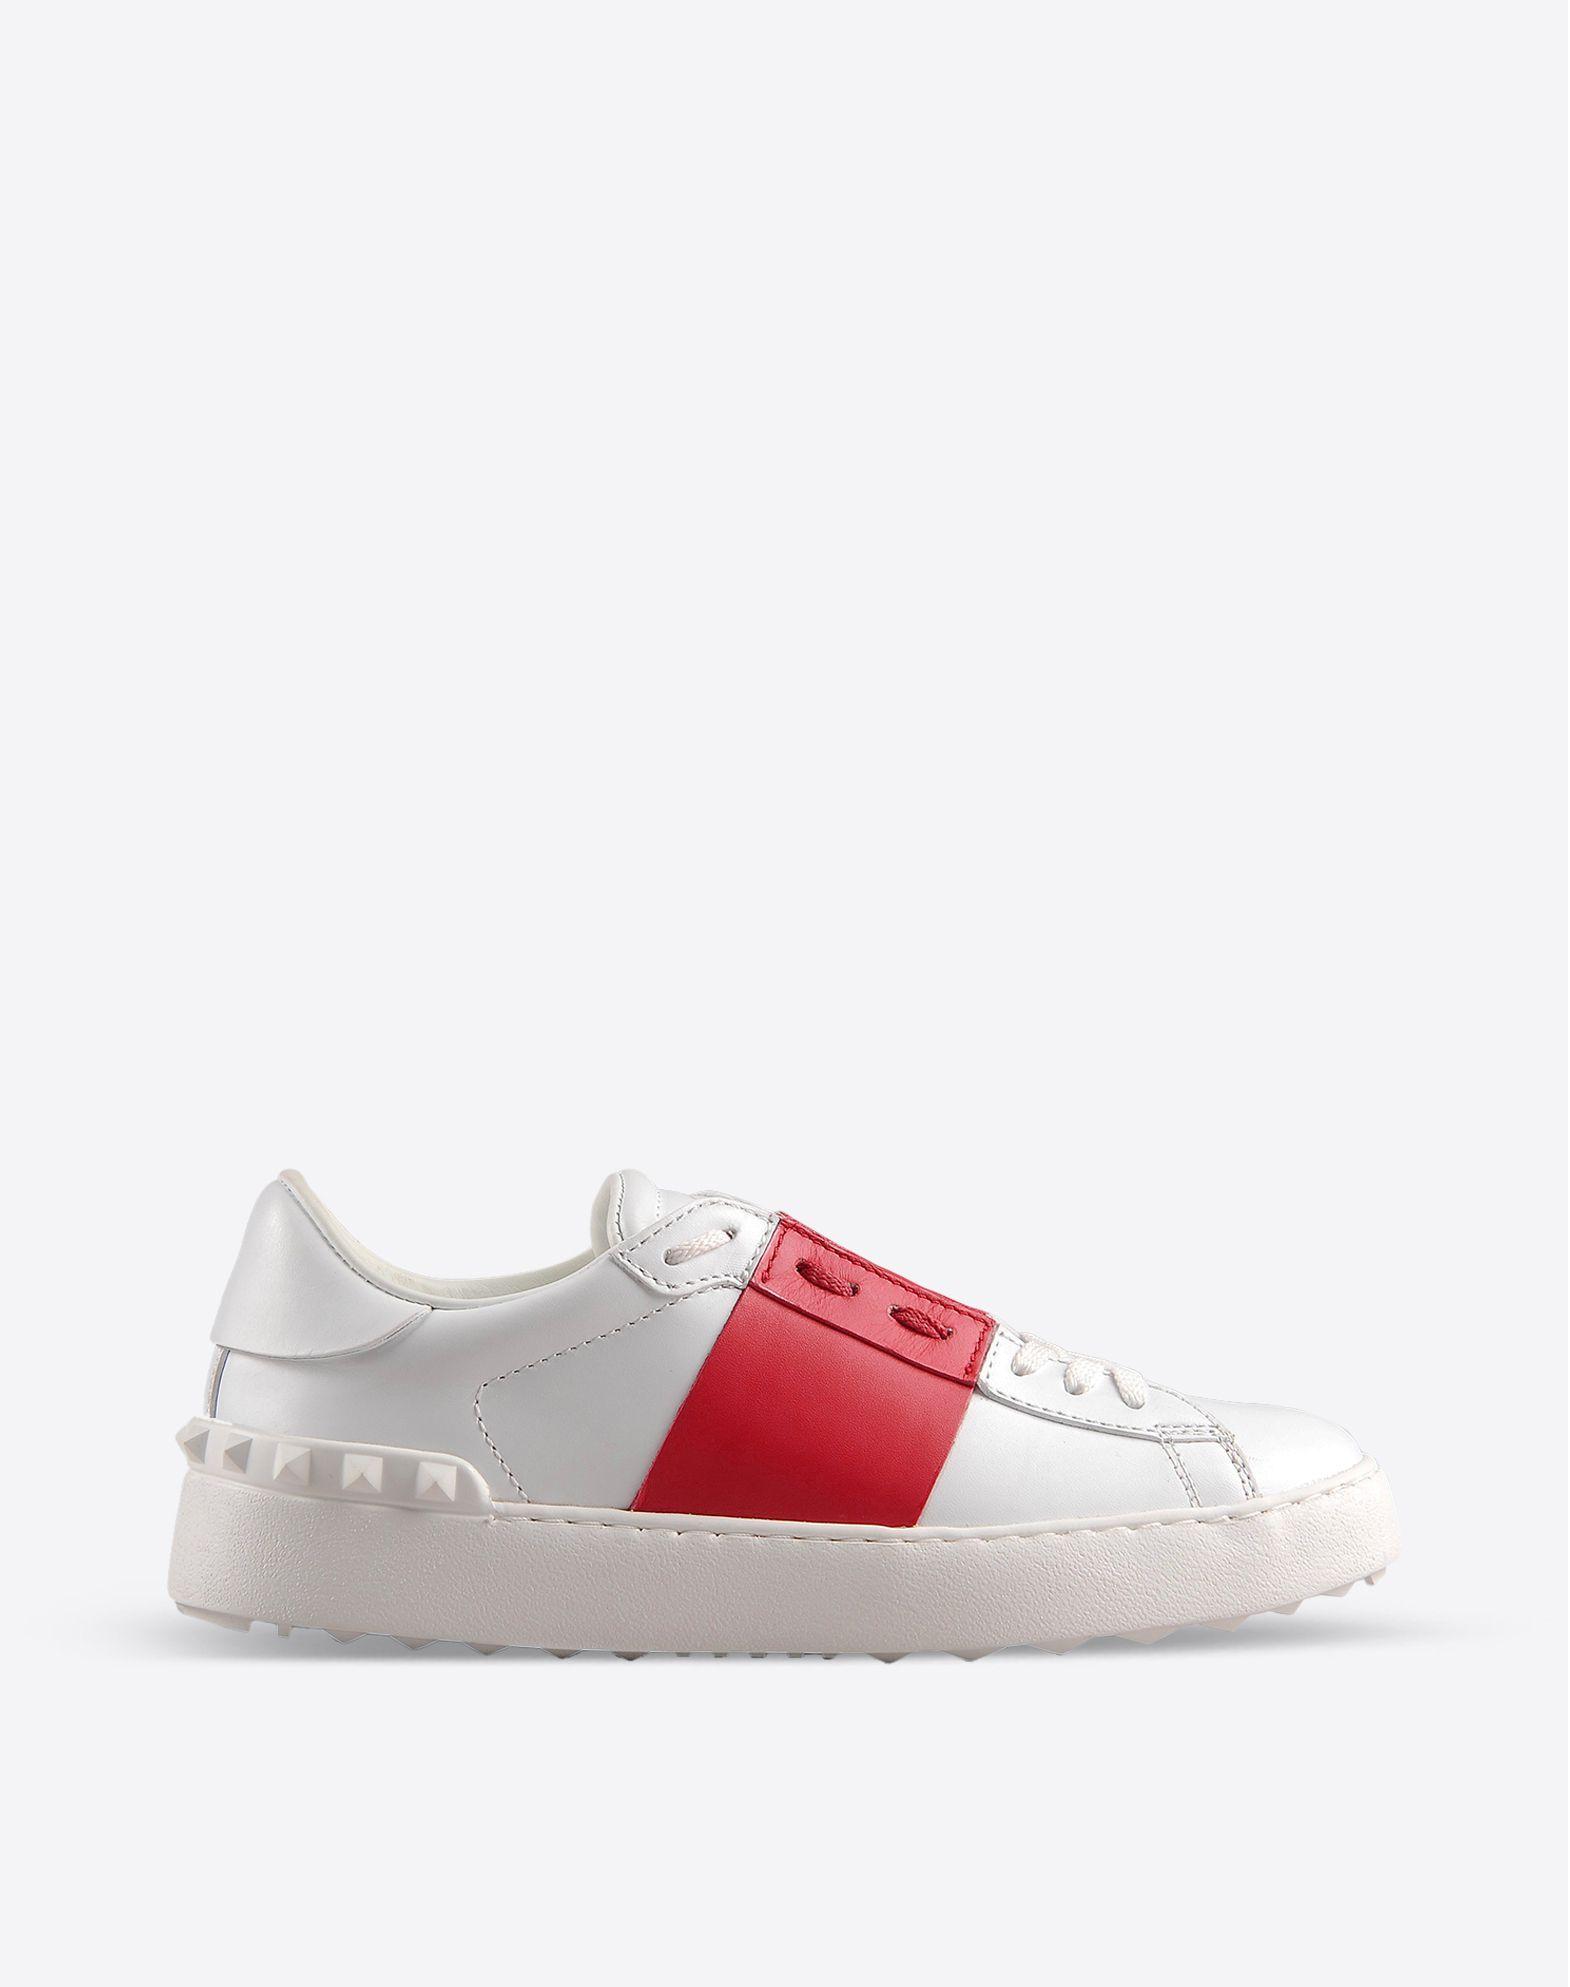 3633a61cc8dac Boutique en ligne Valentino - Sneaker Open Valentino Garavani Femme  Valentino